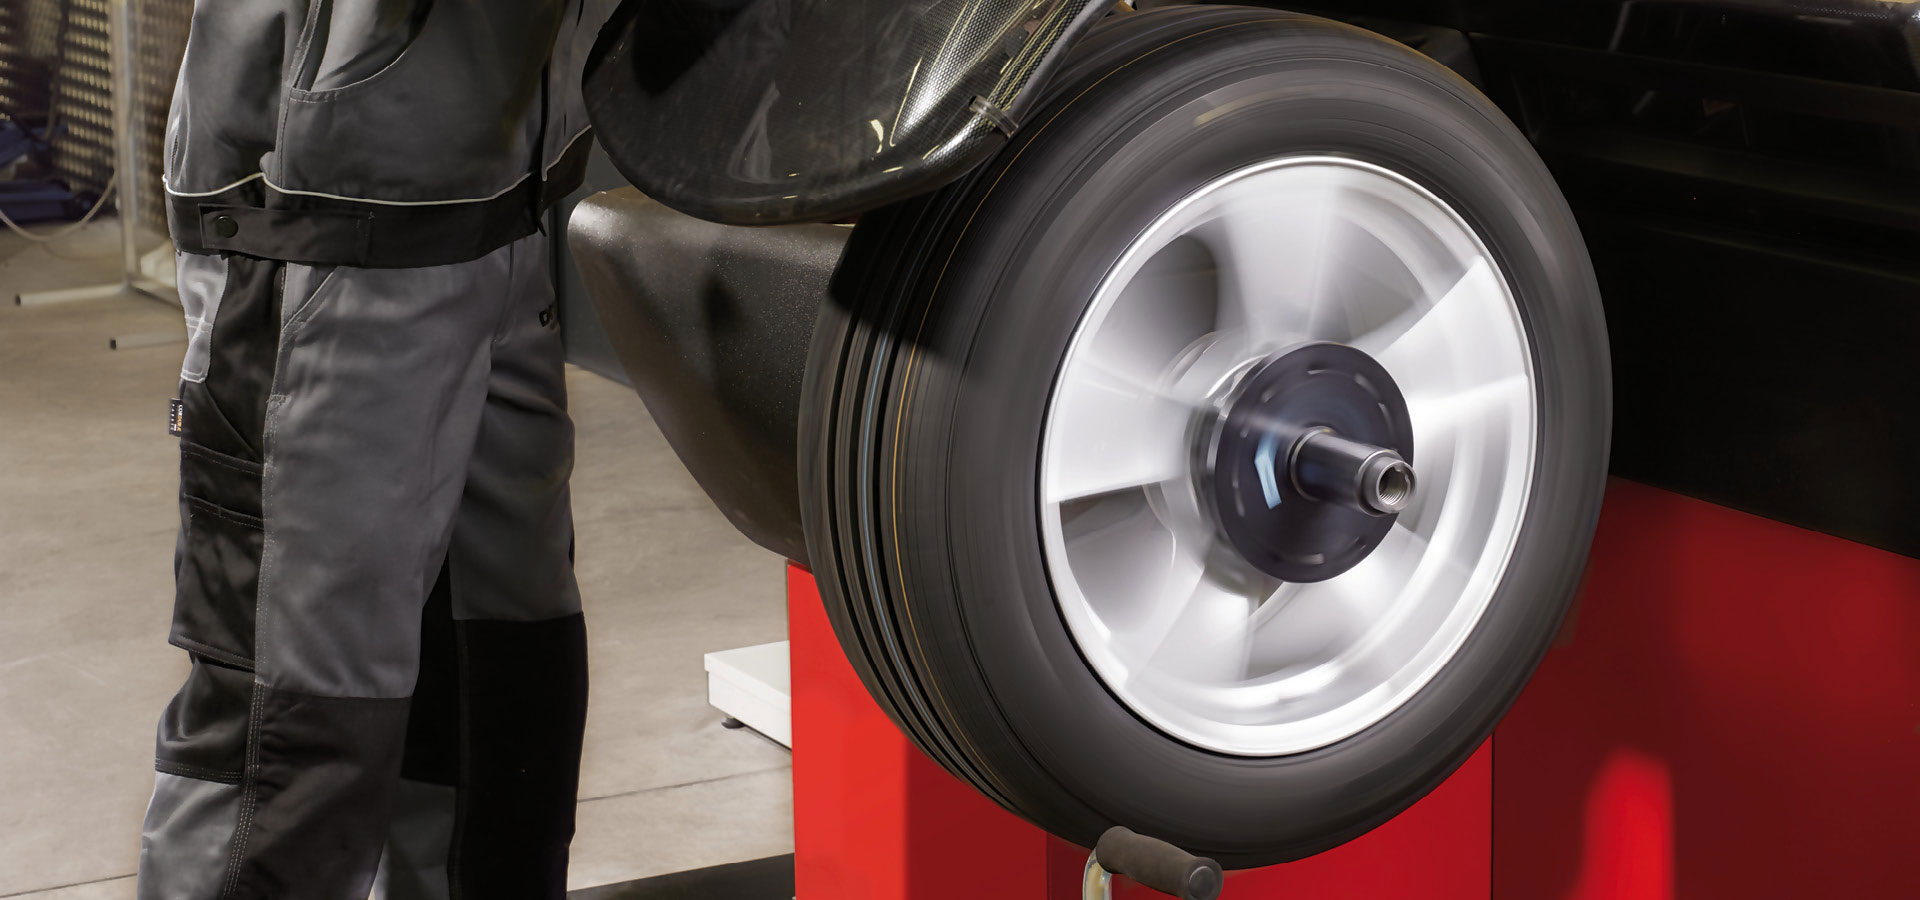 Taller y reparación vehículo